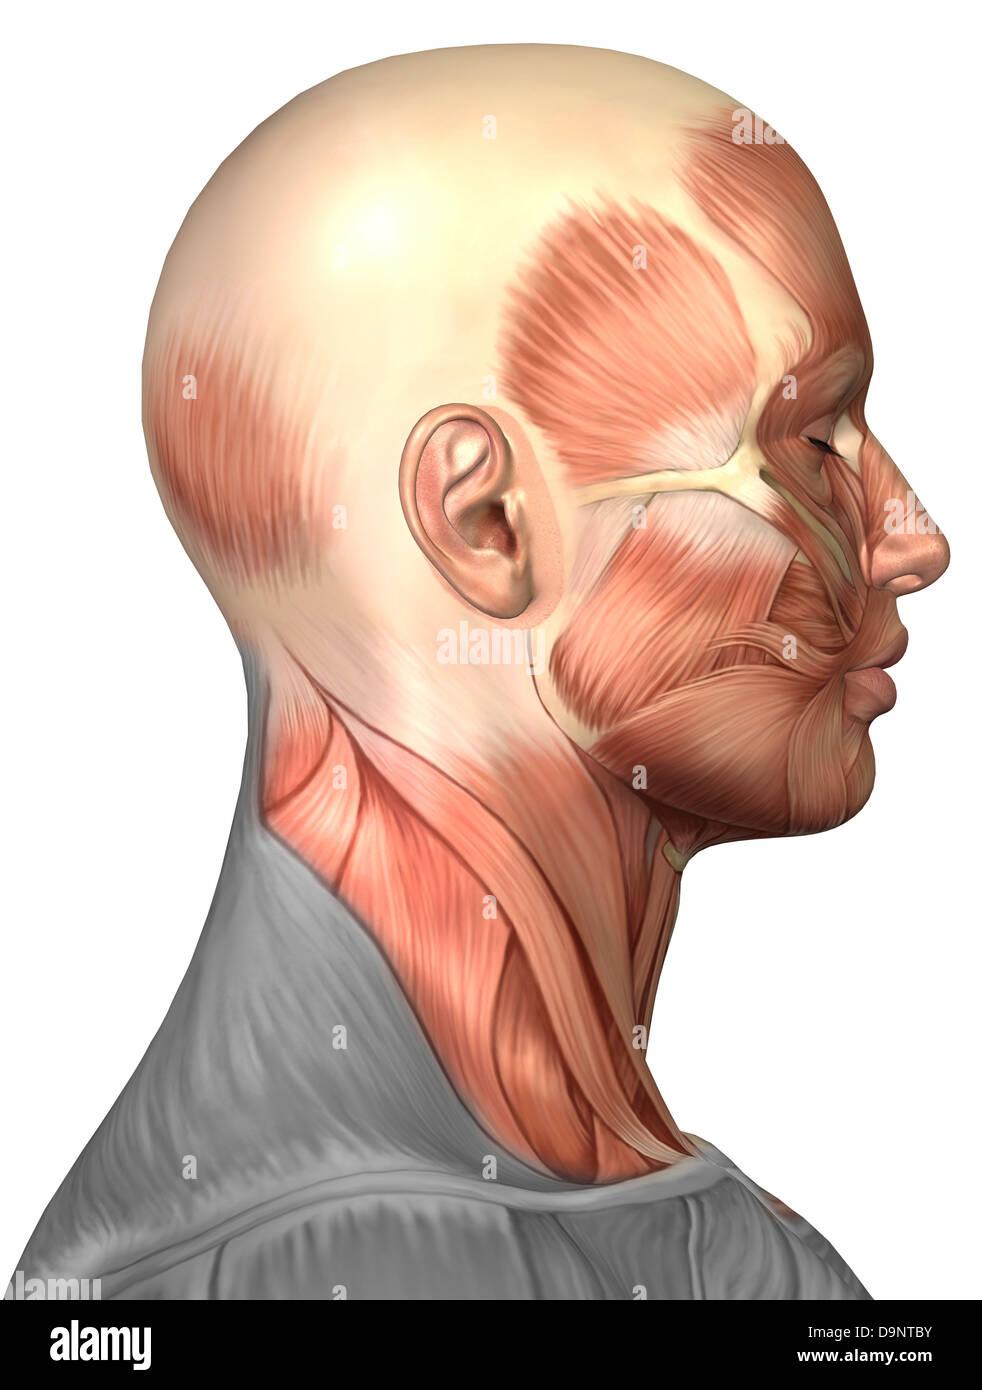 Anatomie des menschlichen Gesichts-Muskeln, Seitenansicht Stockfoto ...